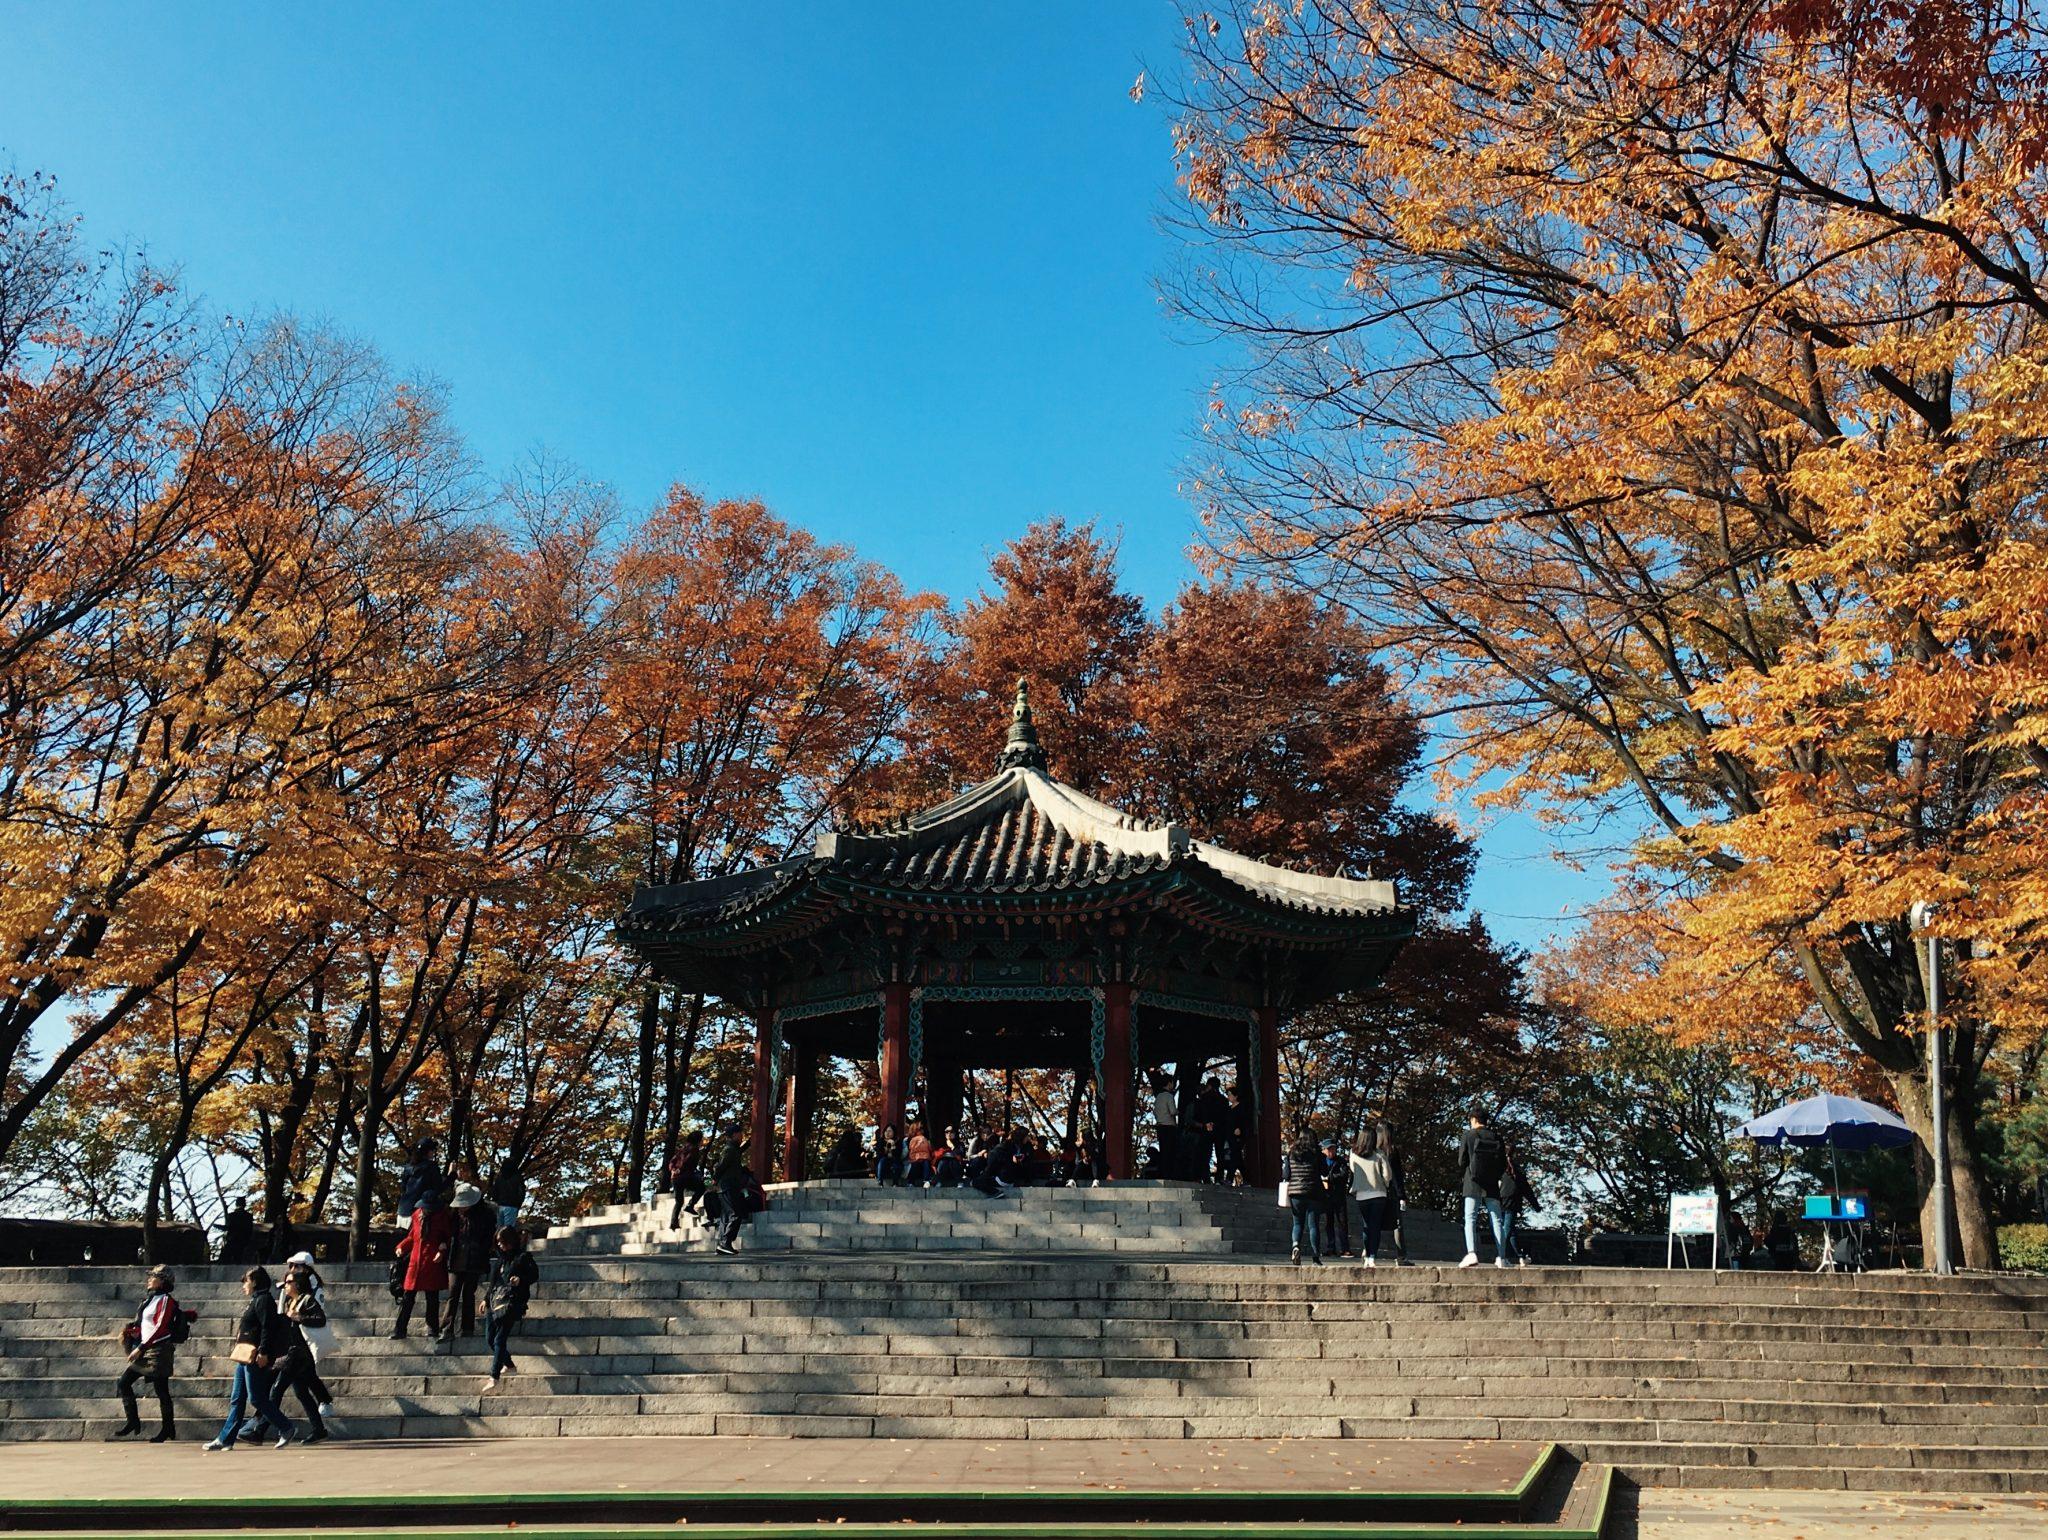 N Seoul Tower Gazebo